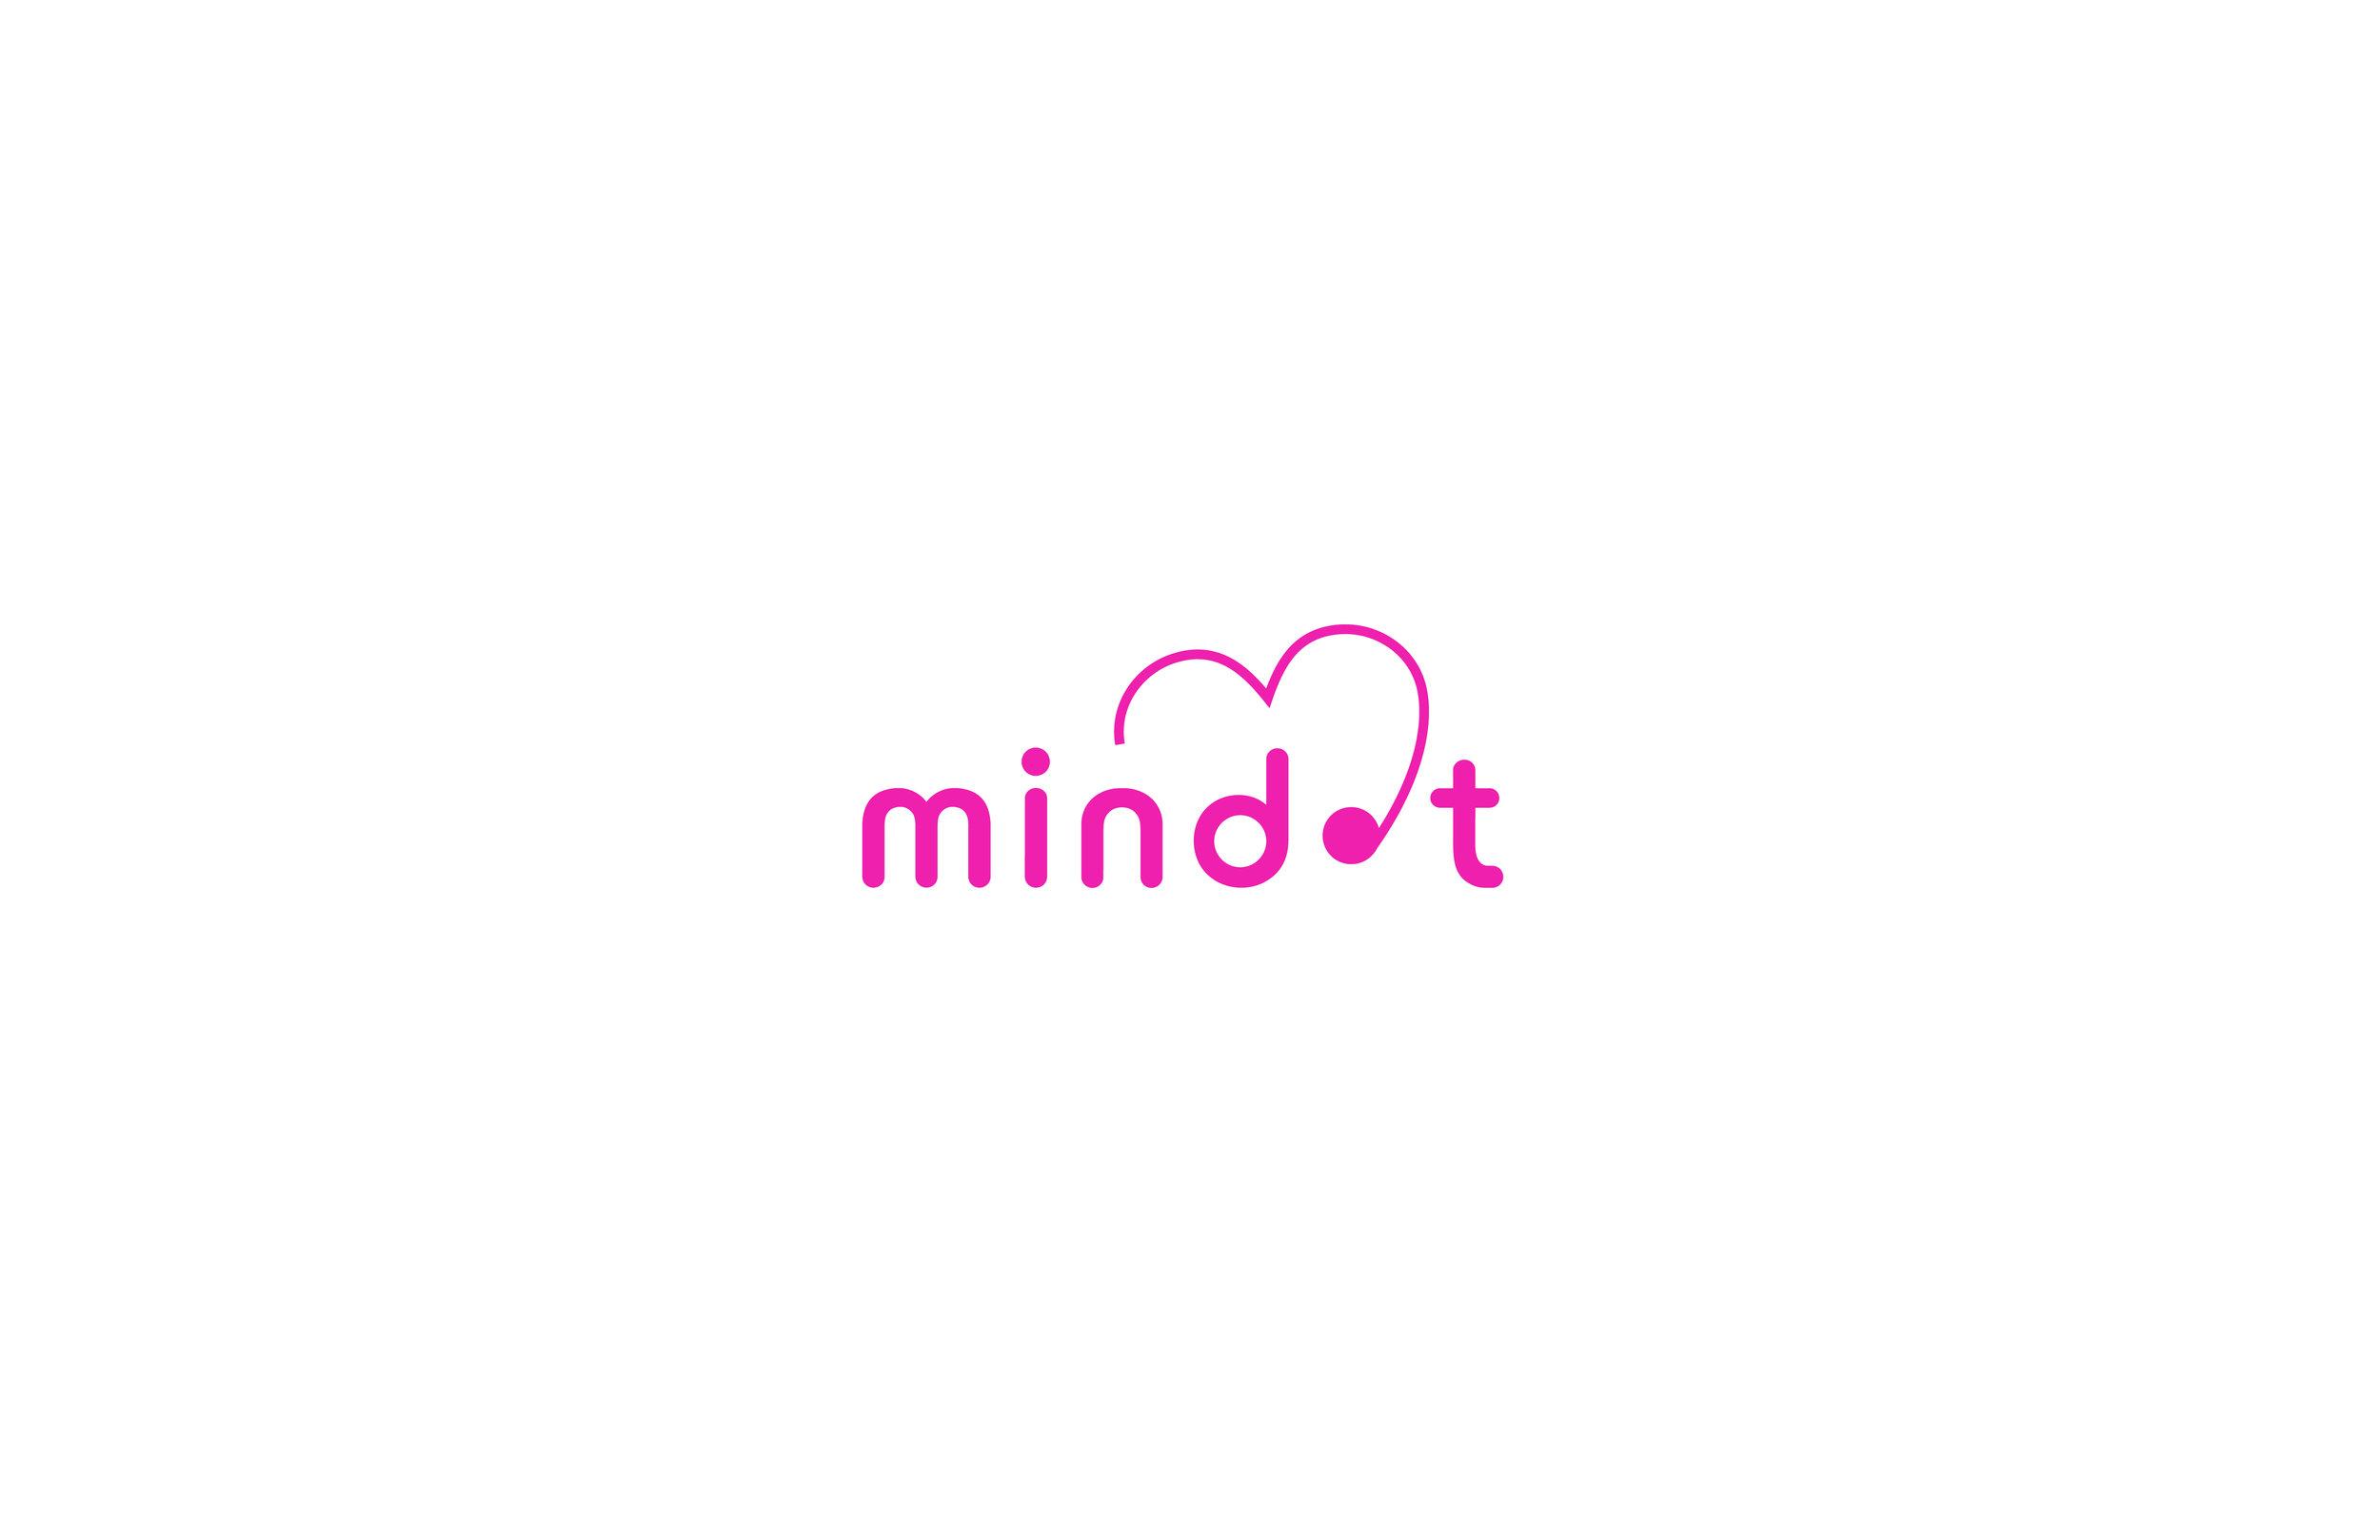 mindot_branding_12312016-09.jpg